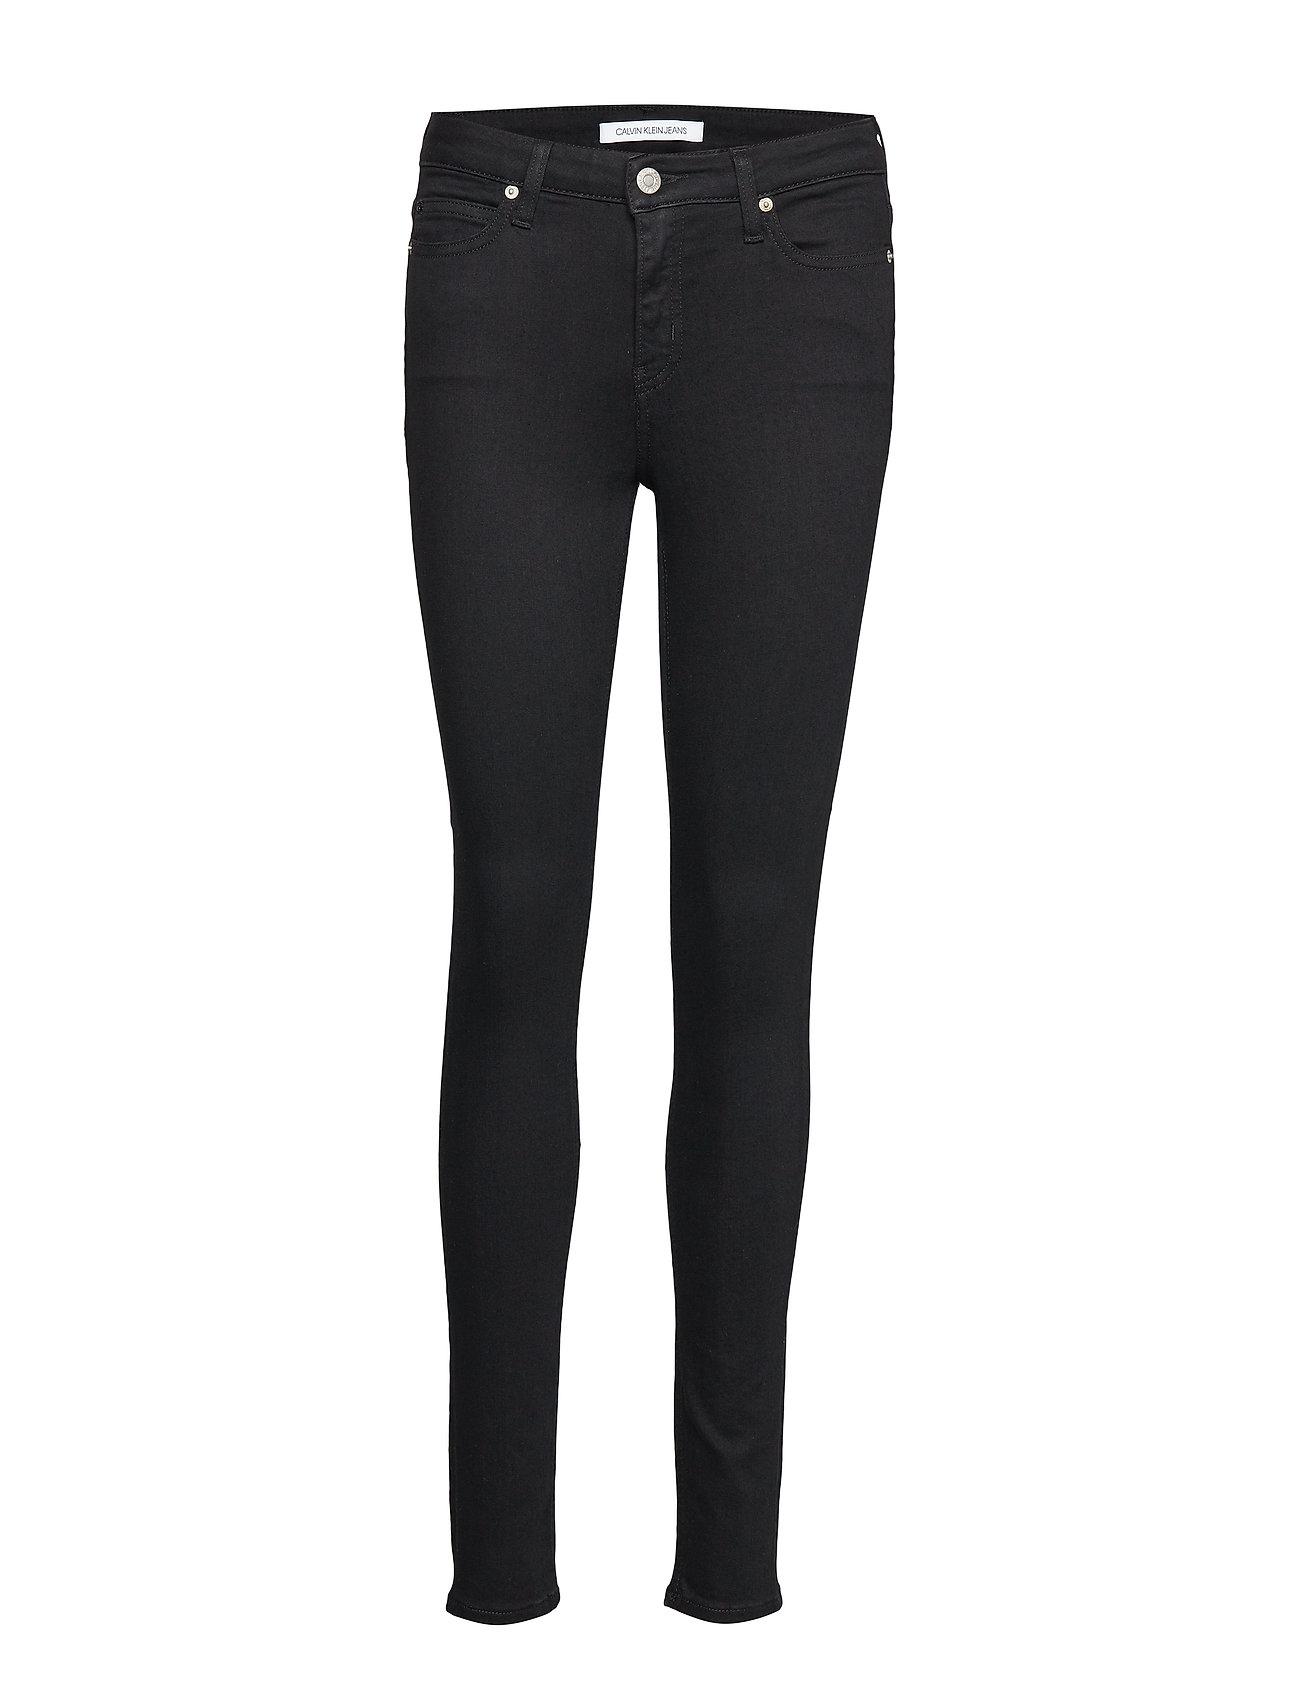 Calvin Klein Jeans CKJ 001 SUPER SKINNY - BA023 BLACK